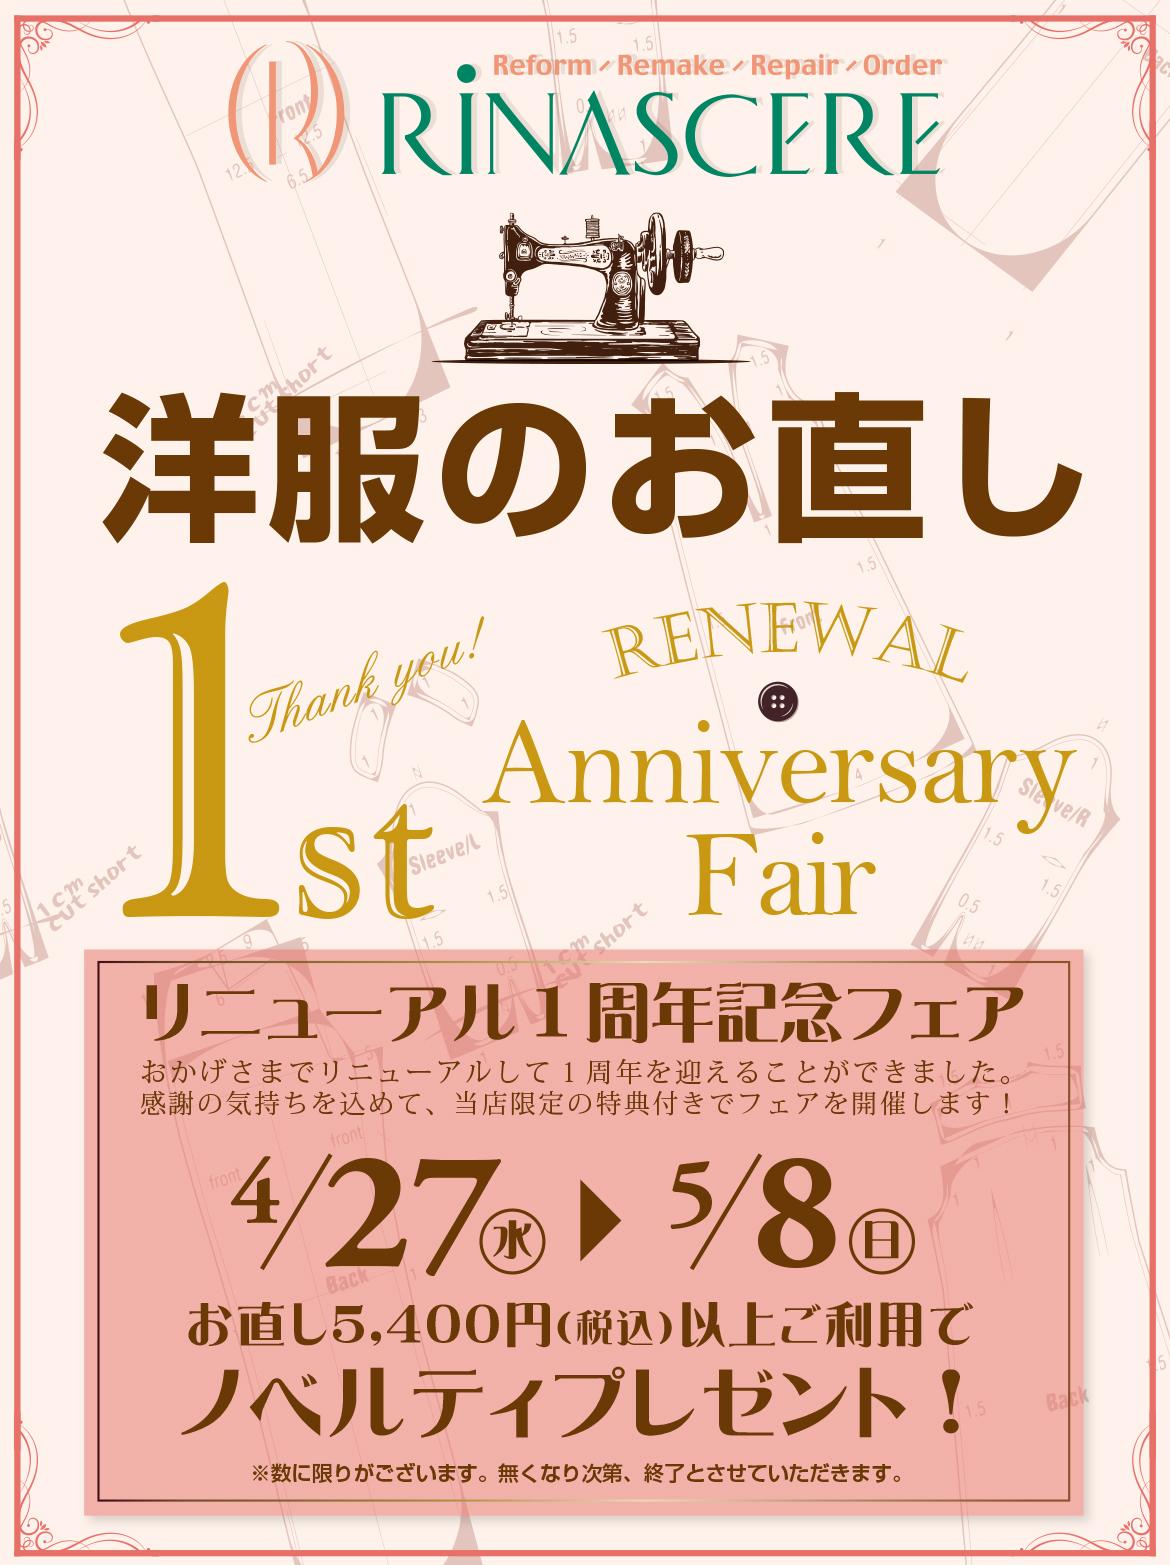 1604松坂屋名古屋リナリニューアル1周年記念フェア